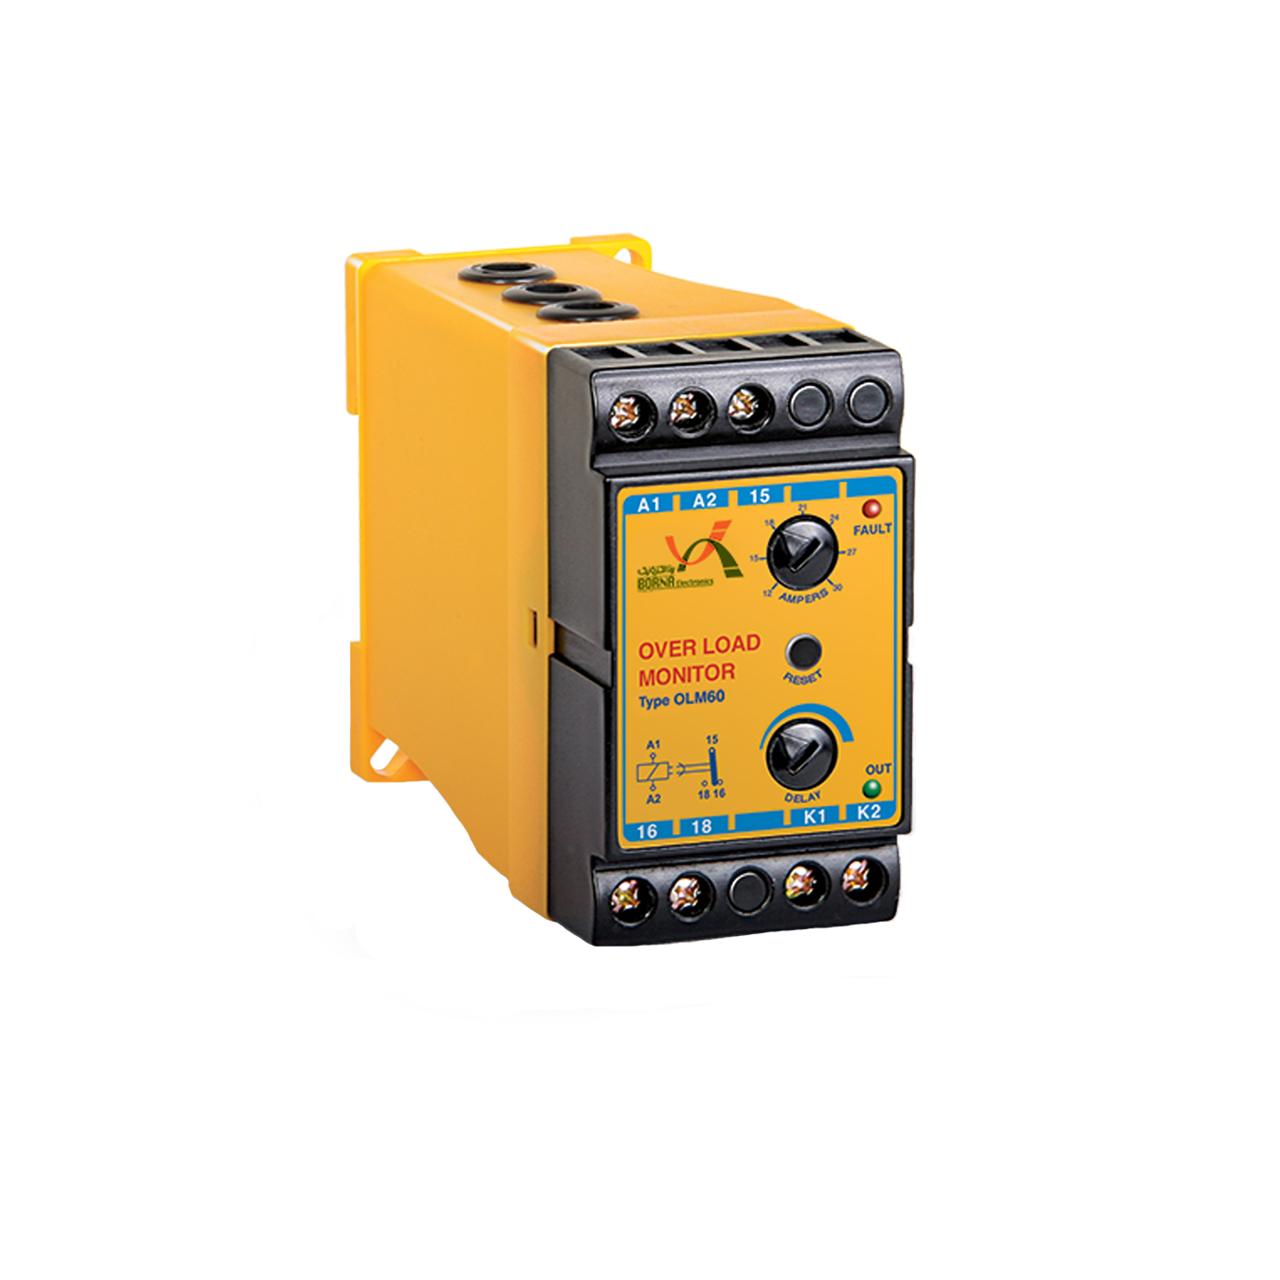 کنترل بار 30 آمپر برنا الکترونیک مدل OLM